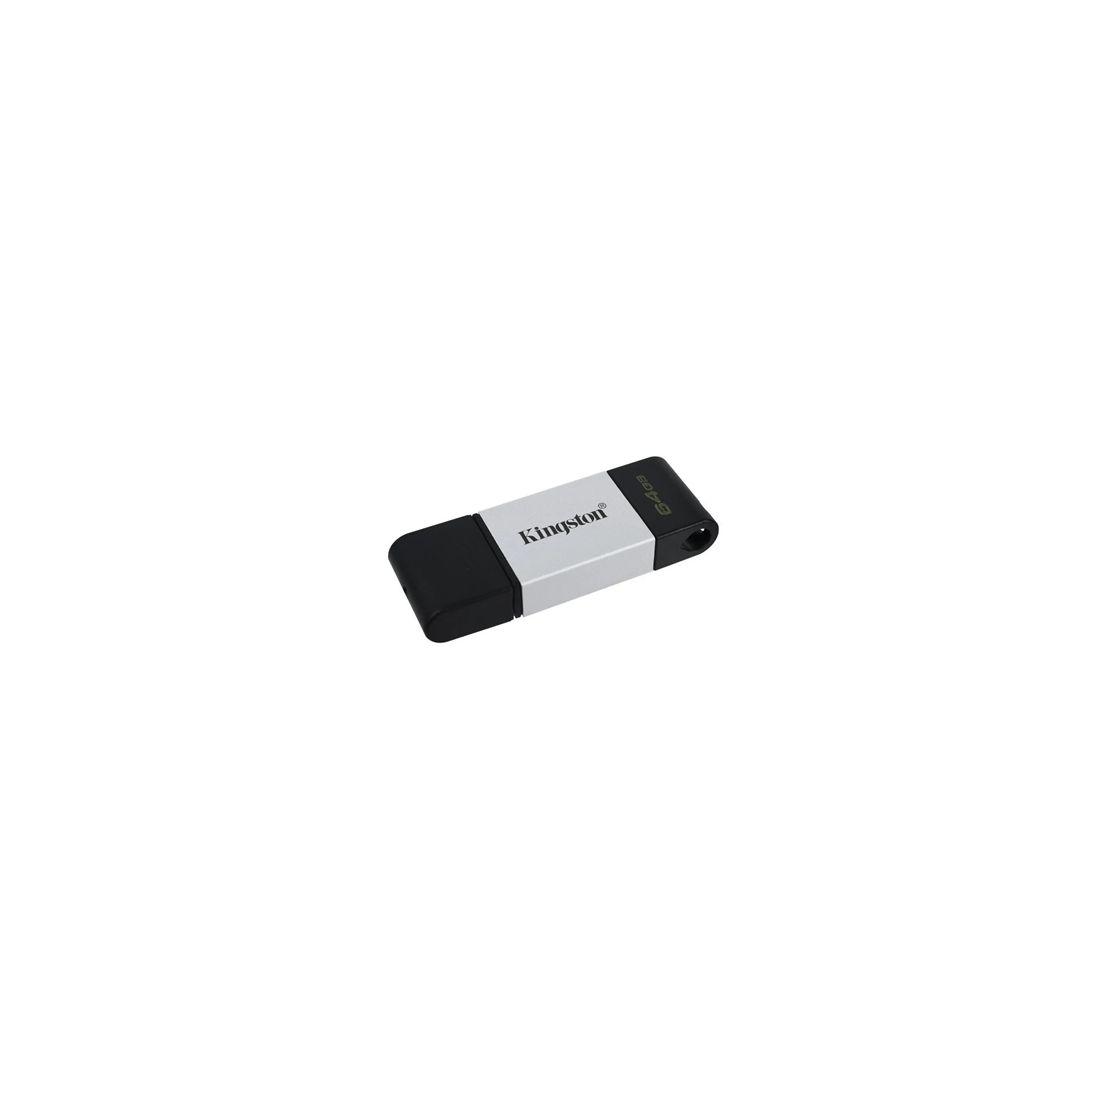 Kingston DataTraveler DT80 64GB USB C 32 Plata